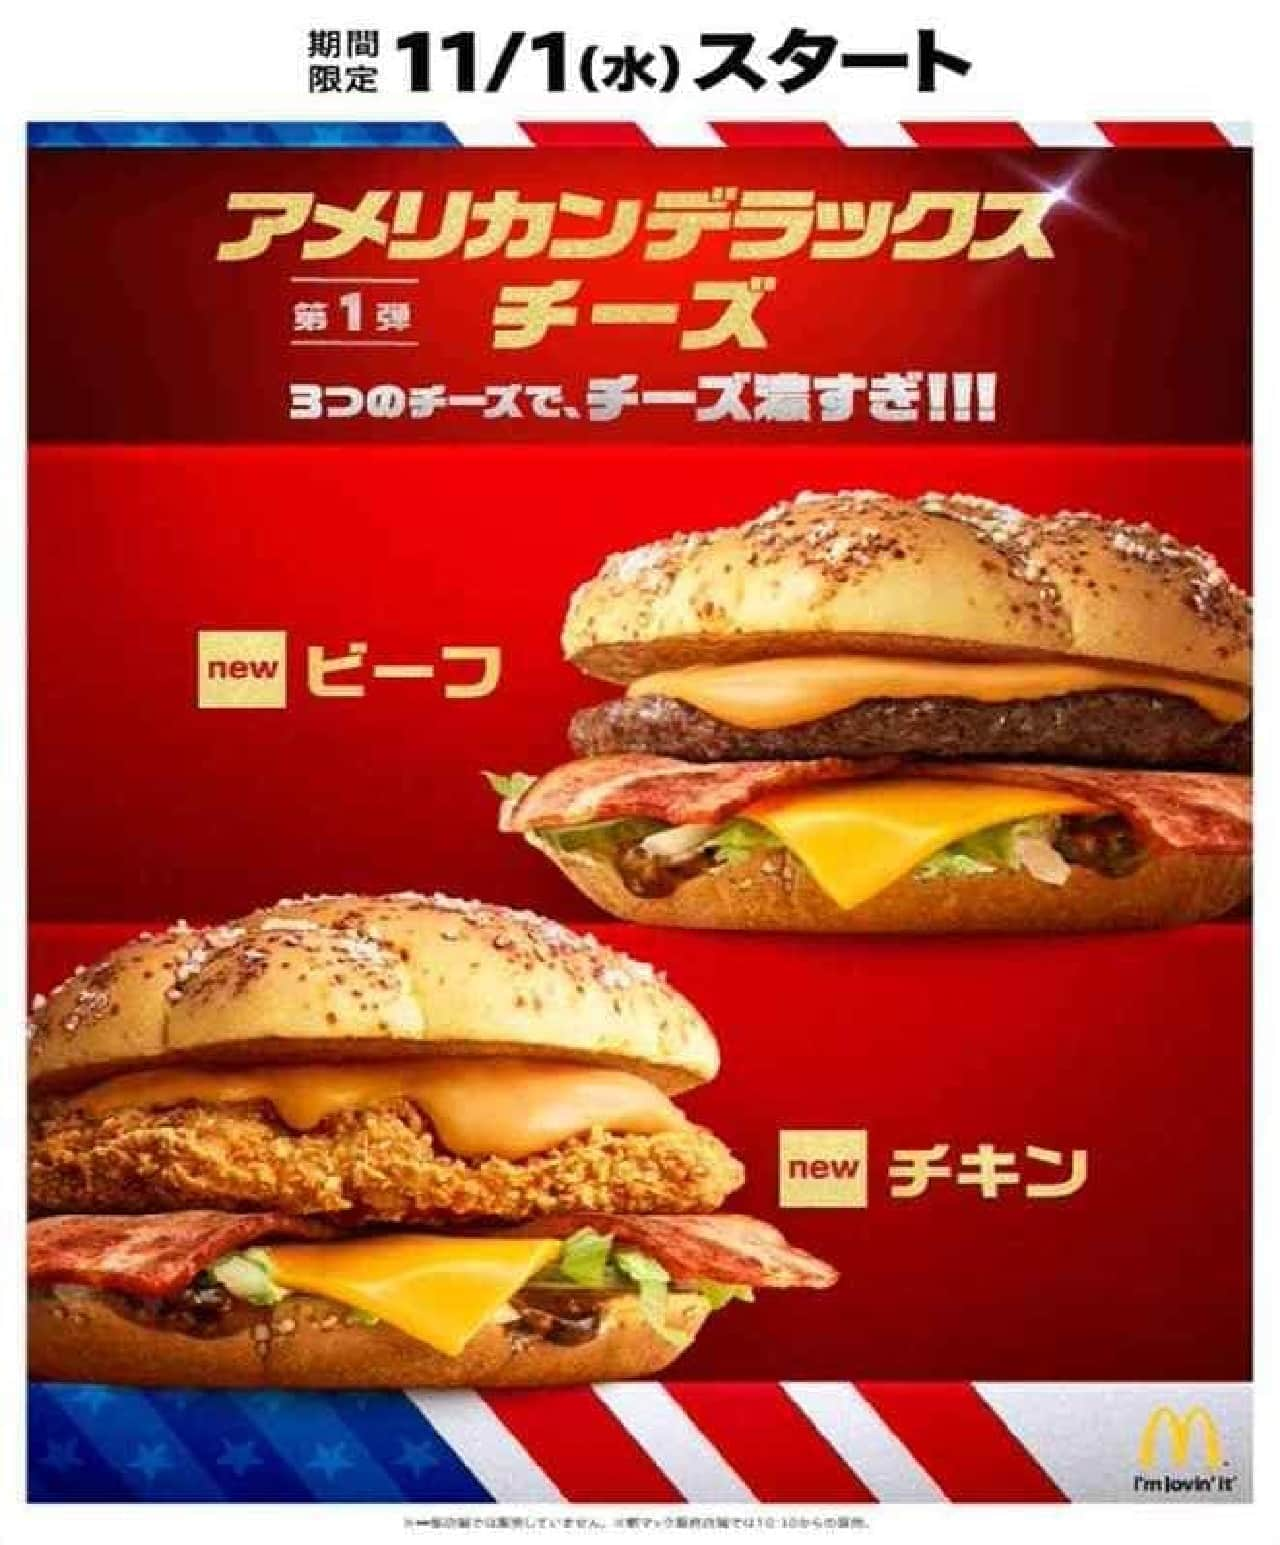 マクドナルド「デラックスチーズ ビーフ」「デラックスチーズ チキン」